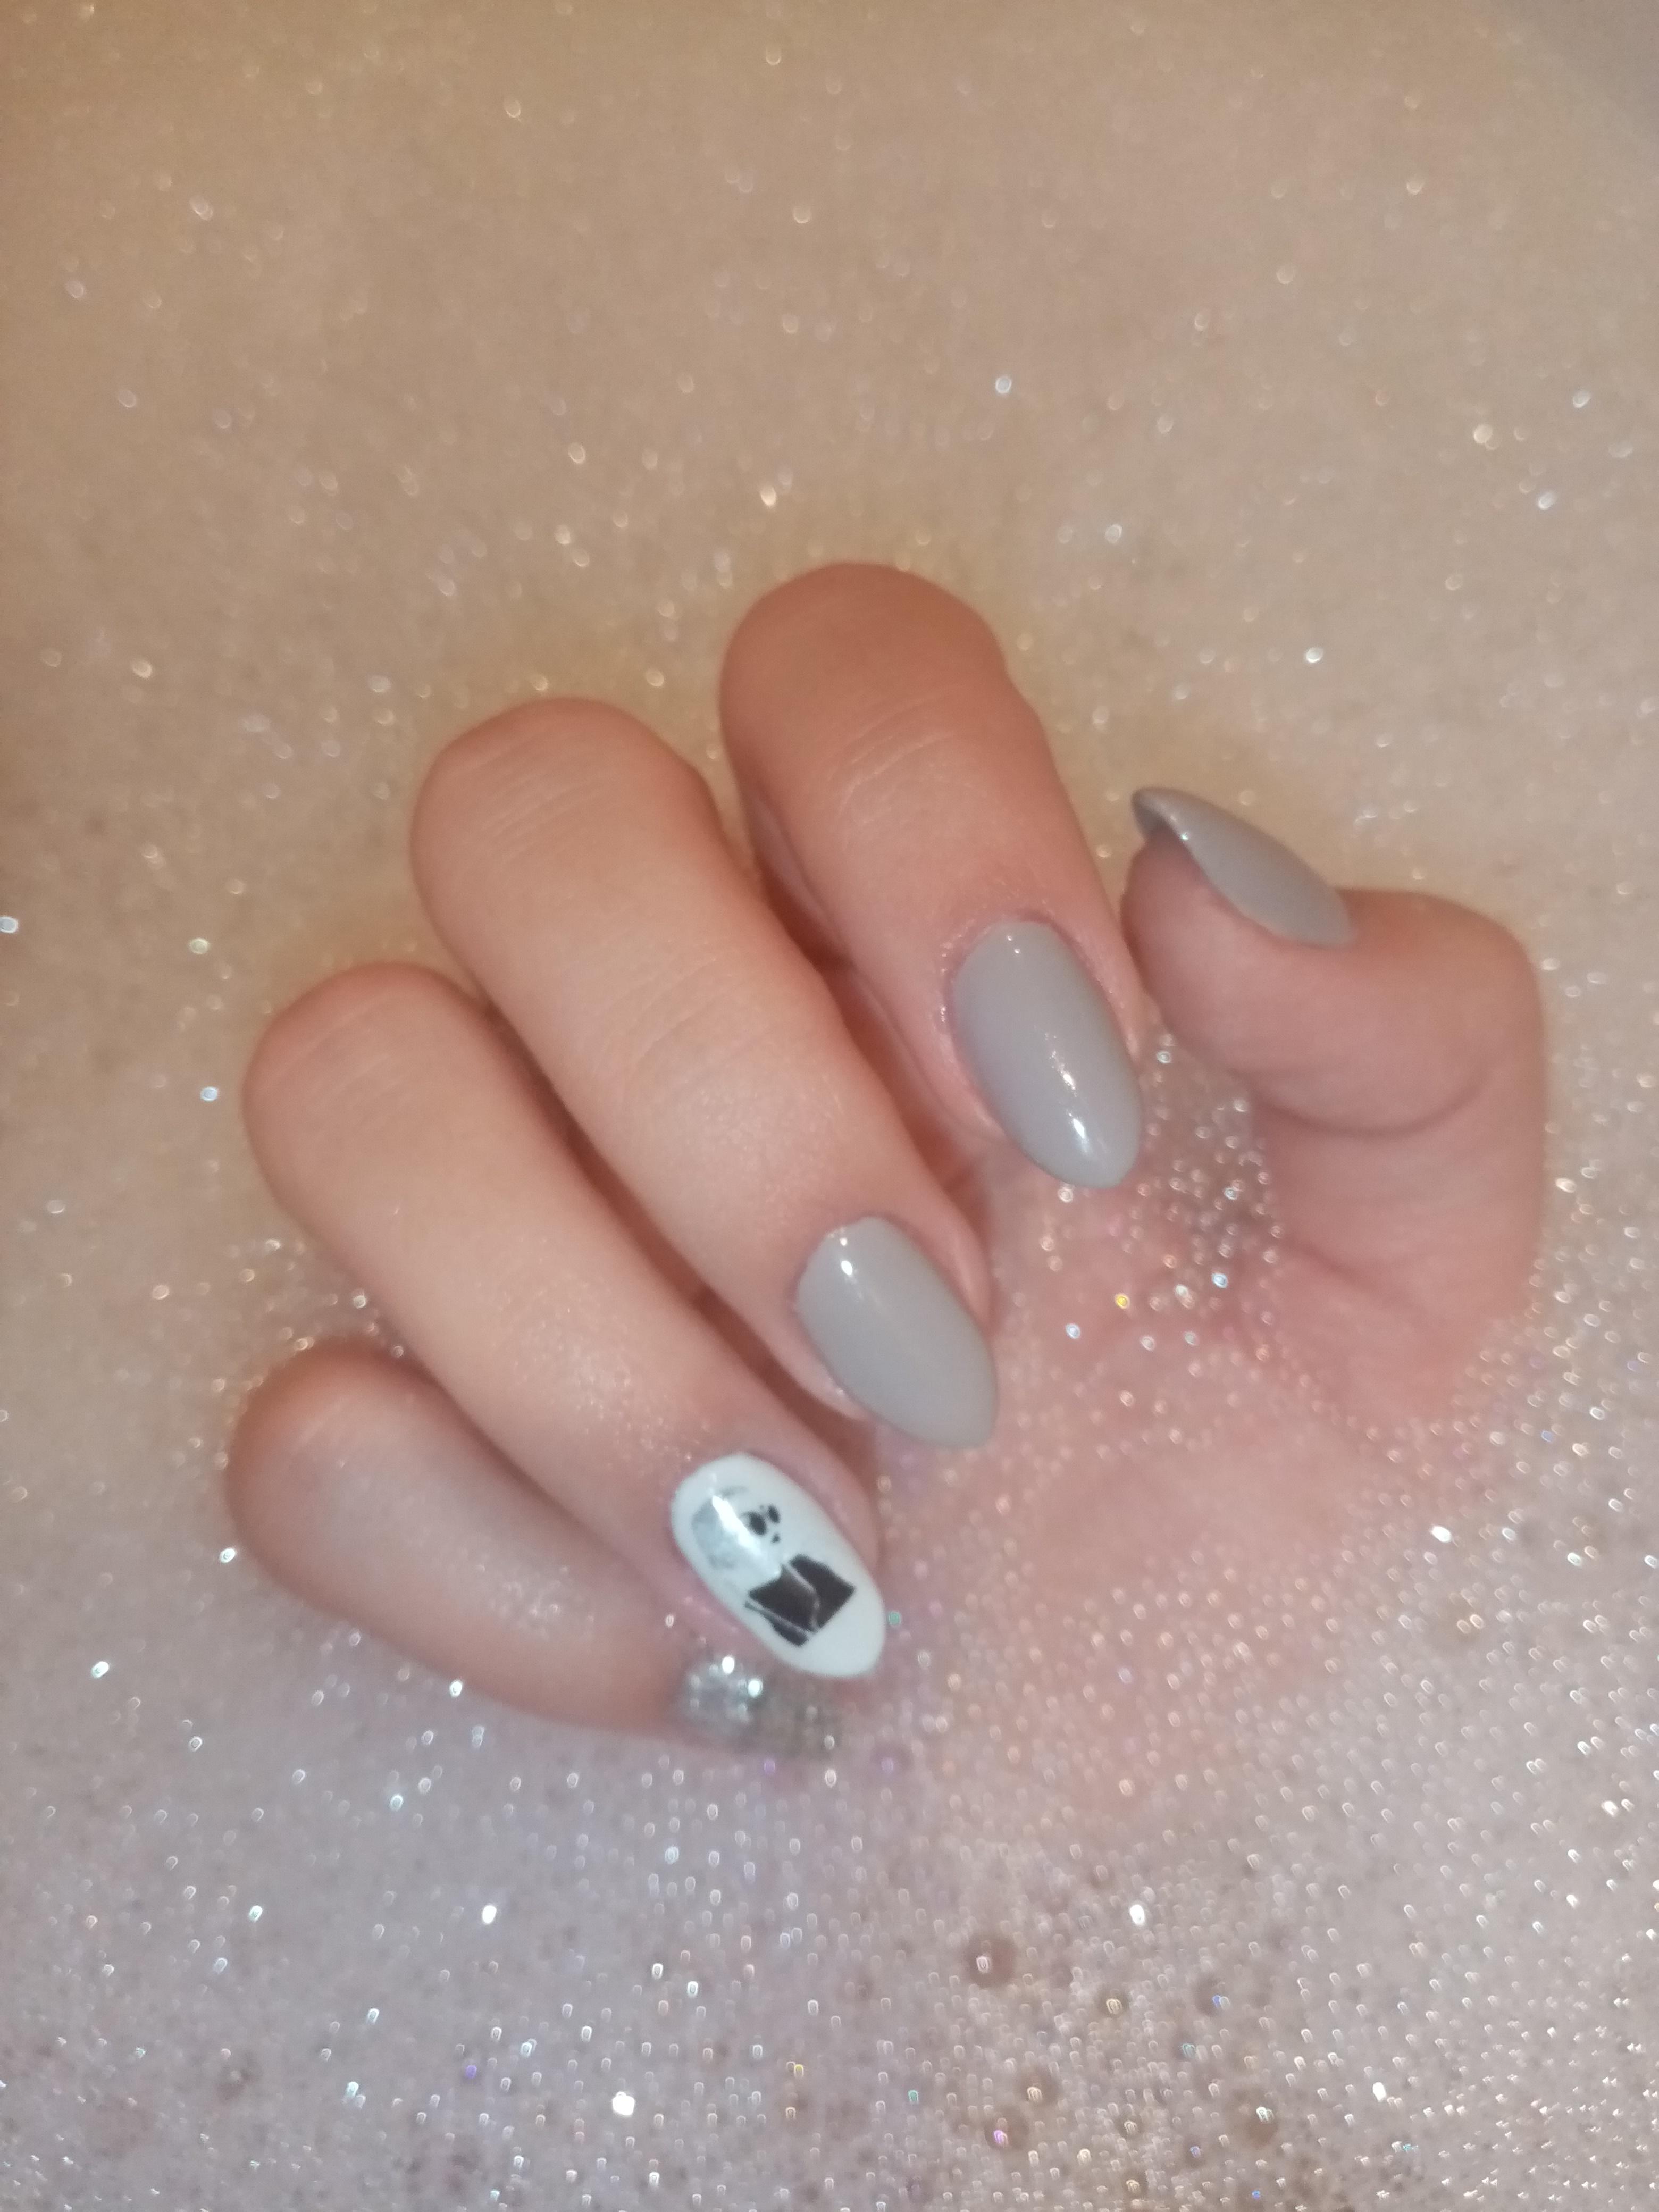 Маникюр со слайдерами в сером цвете на короткие ногти.